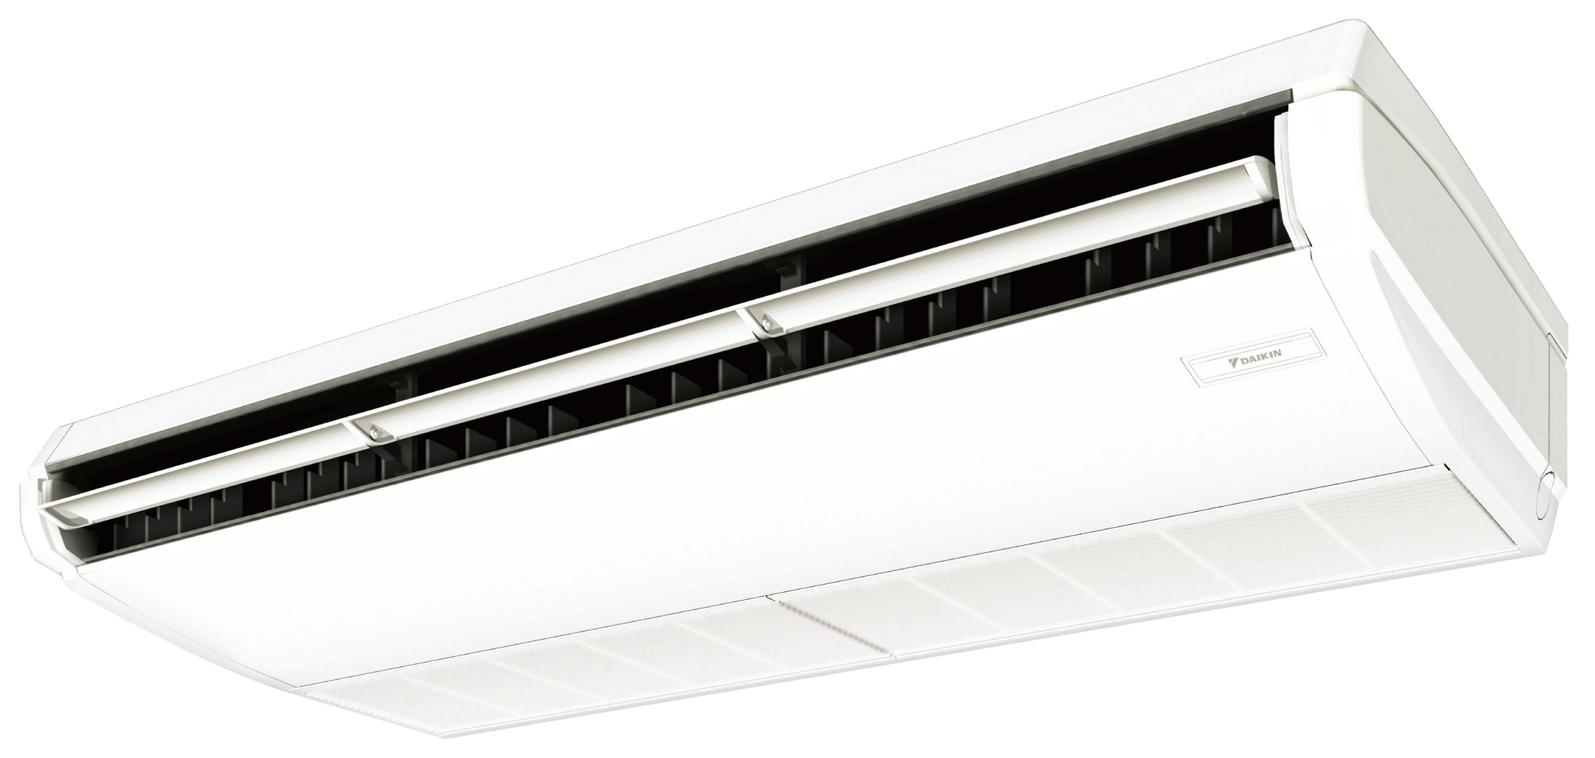 ###ダイキン 業務用エアコン【SZRH112BCN】 天井吊形〈標準〉タイプ ペア 4馬力 ワイヤレス 三相200V Eco ZEAS